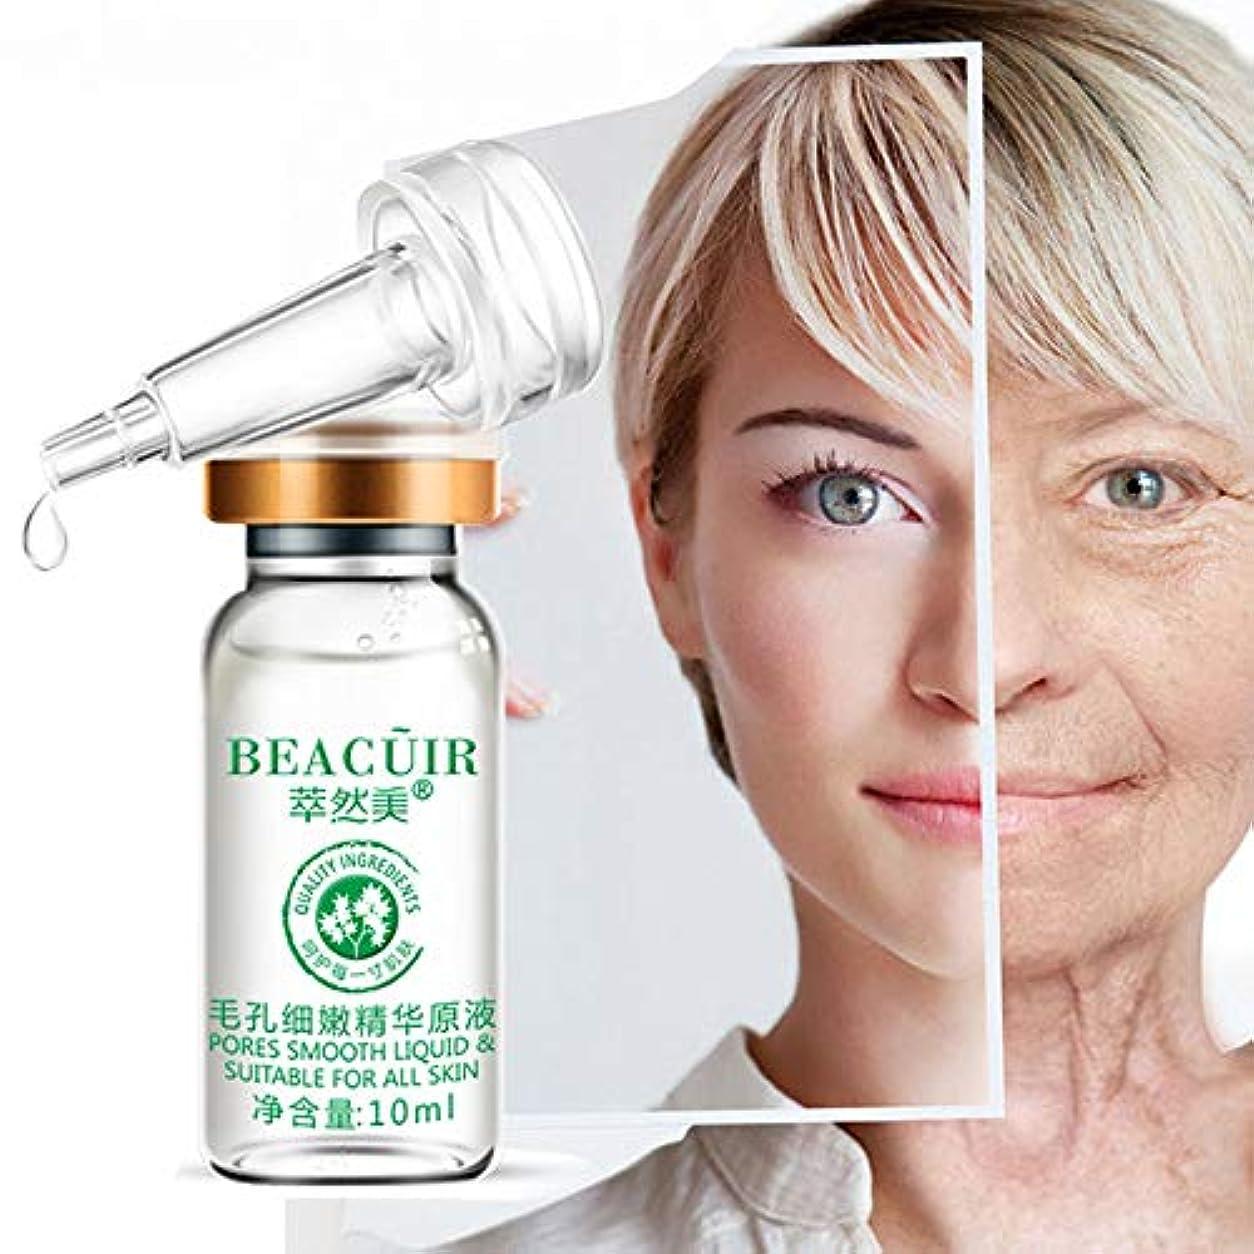 段落救援石鹸Akane BEACUIR 天然 水分 肌の明るさ 修復 美白 繊細 しわ取り 毛穴縮小 保湿 黒ずみ 角質除去 肌荒れ防止 くすんだ肌を改善し エッセンス 10ml